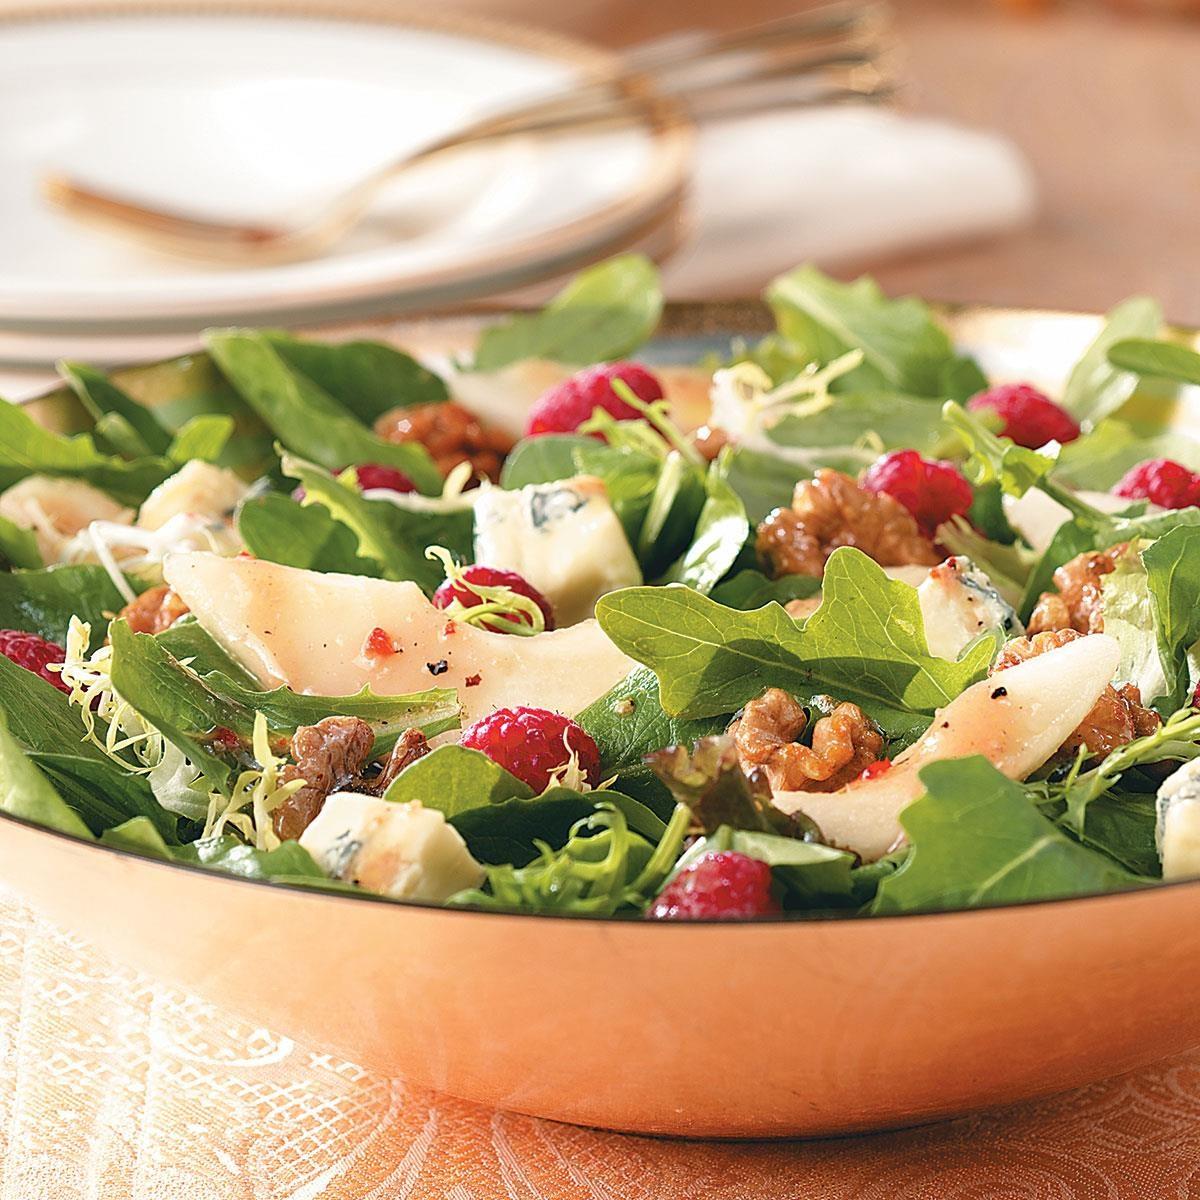 Raspberry And Walnut Kitchen: Raspberry Pear Salad With Glazed Walnuts Recipe